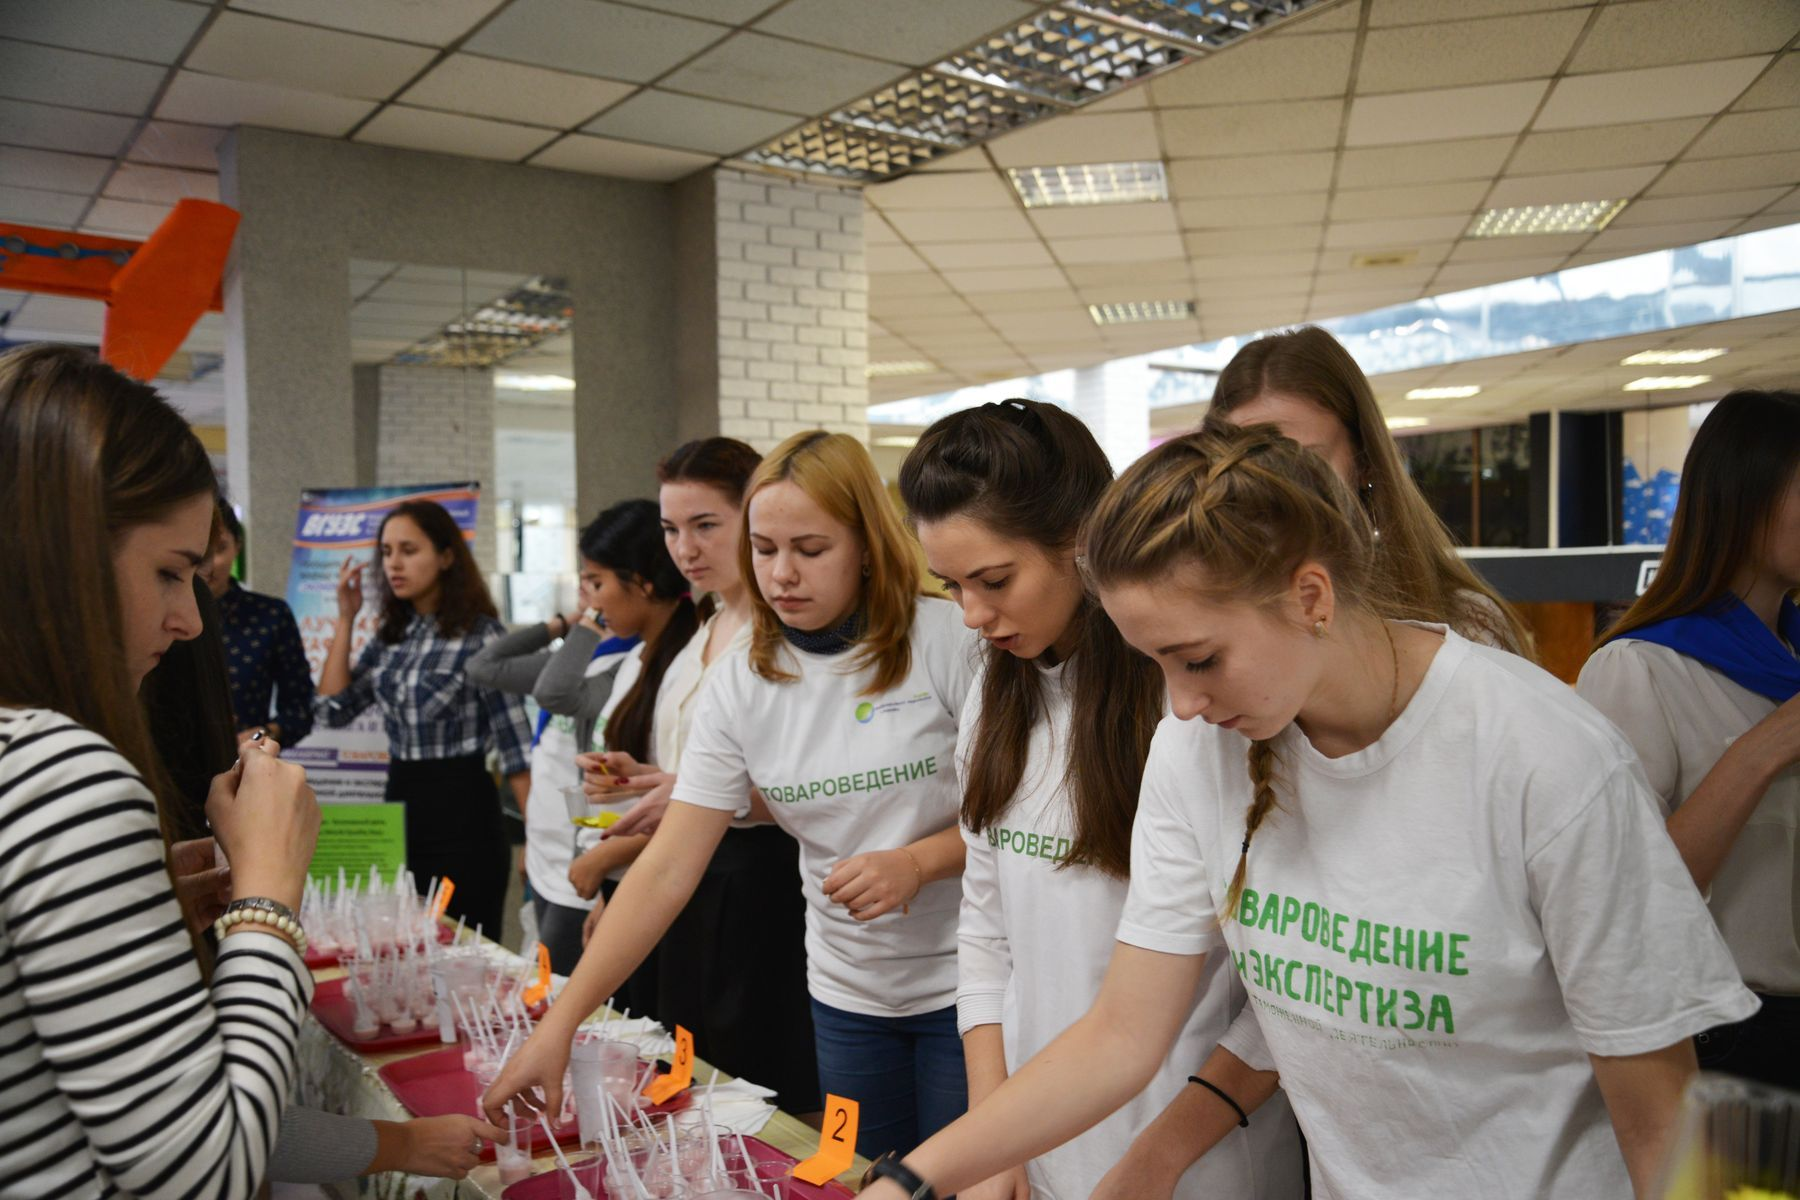 Крупнейшая торговая сеть приглашает на работу студентов и выпускников ВГУЭС